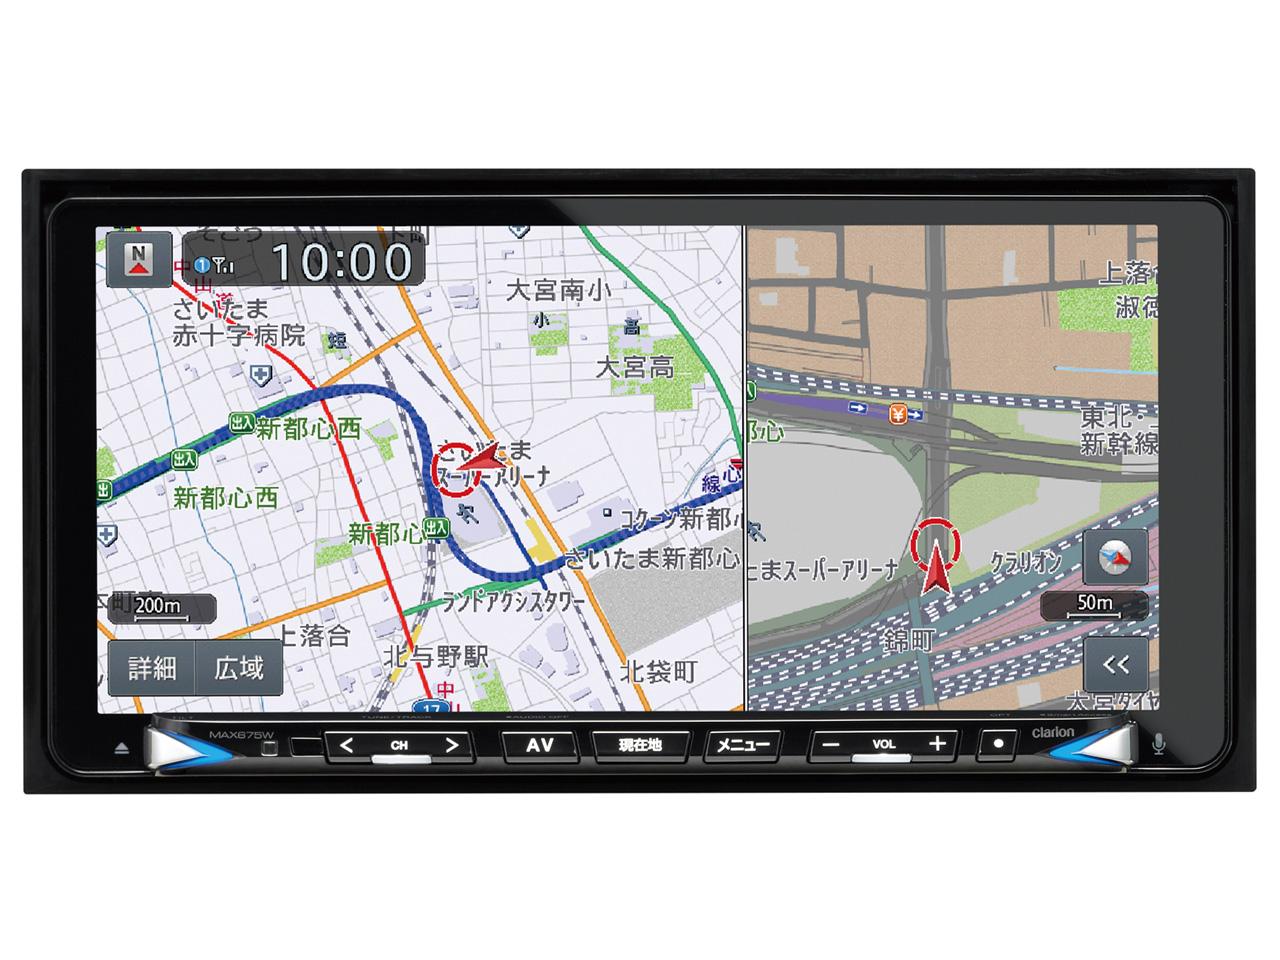 スーパーワイドナビ MAX675W の製品画像